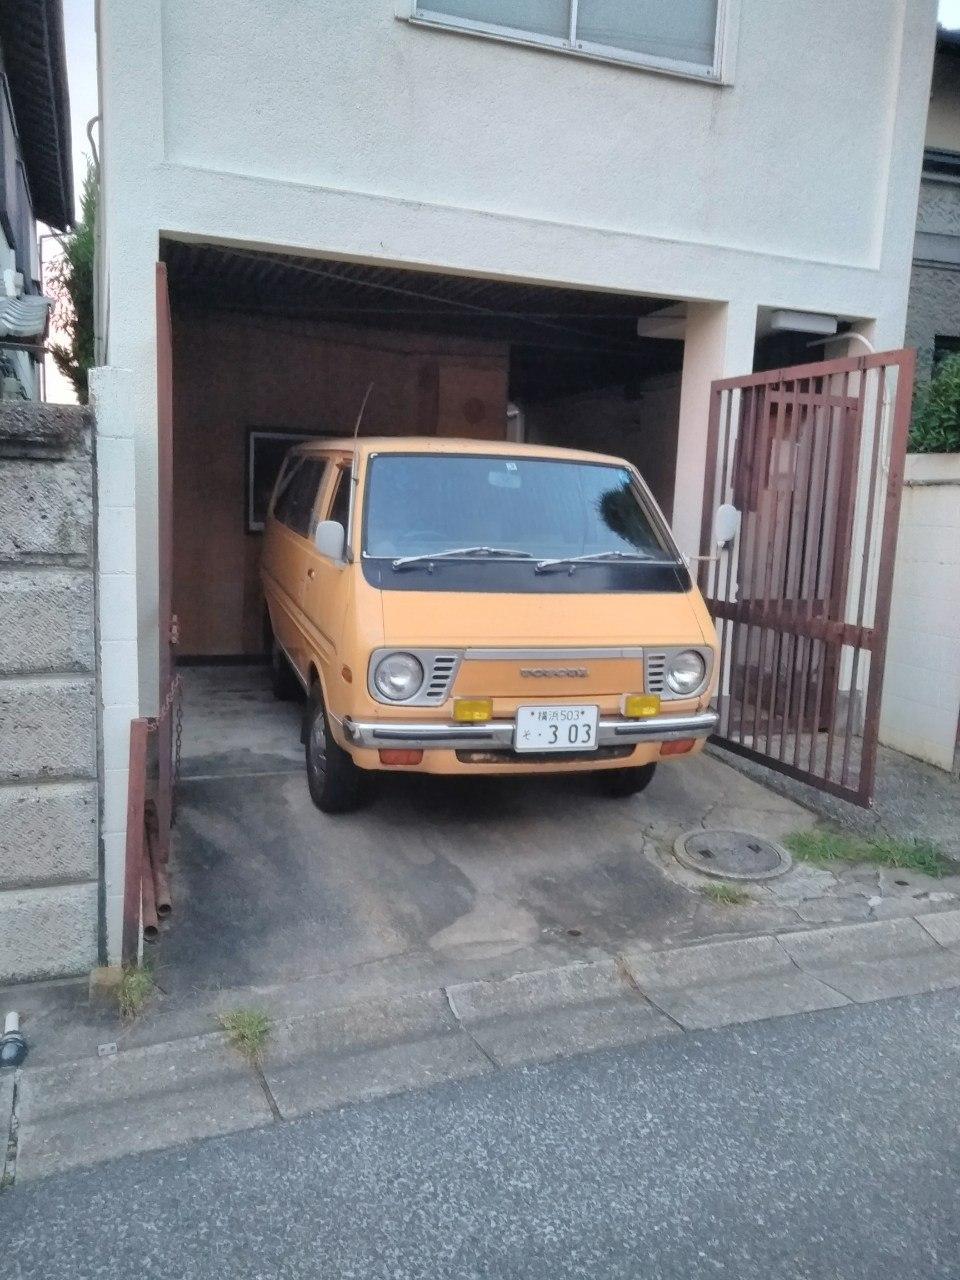 Не влез в гараж